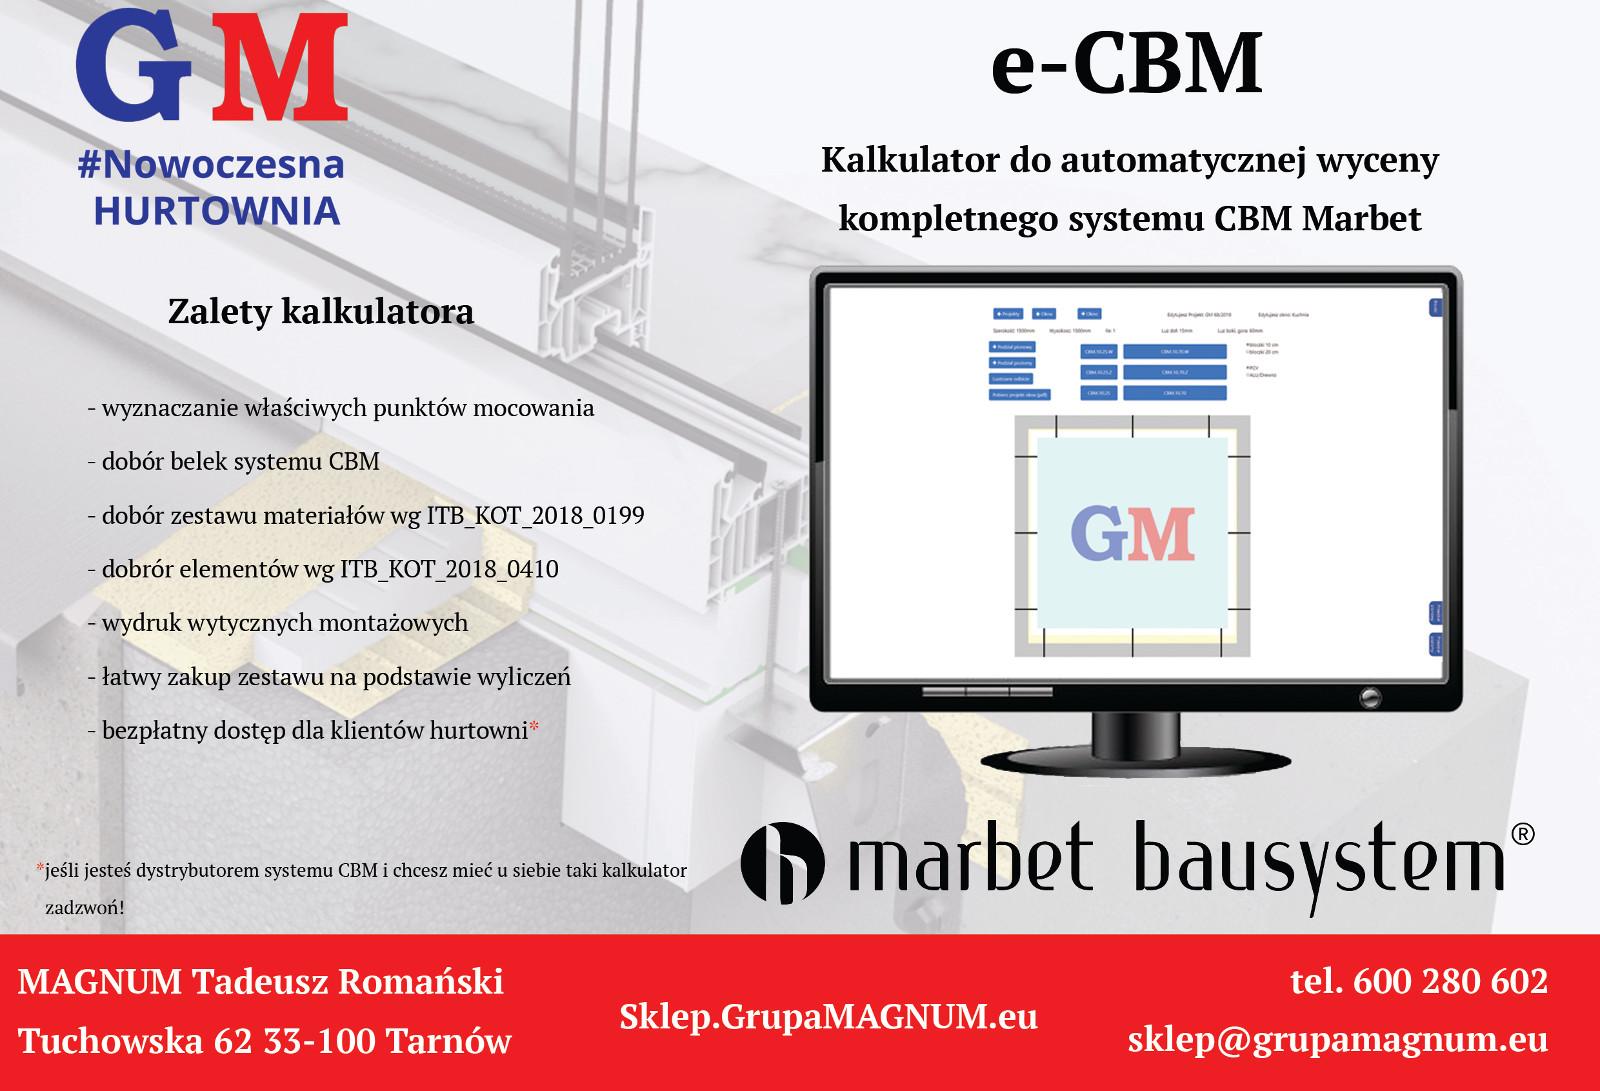 e-cbm